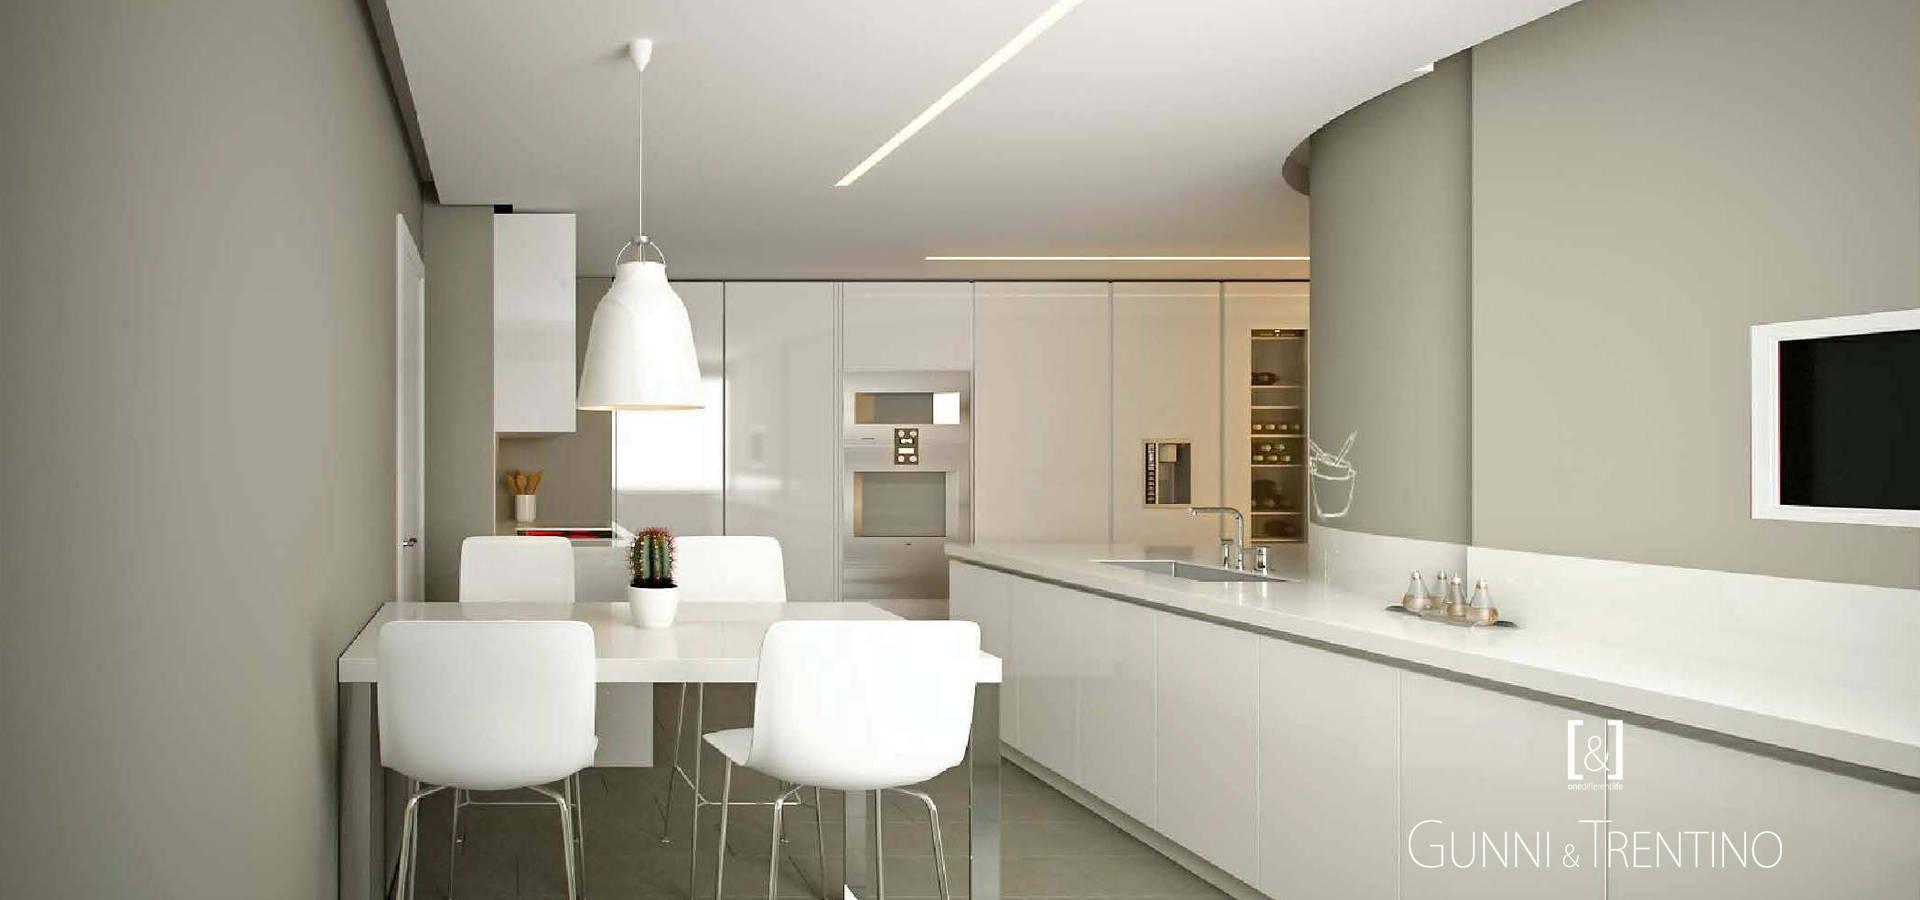 Gunni trentino decoradores y dise adores de interiores for Cocinas gunni madrid